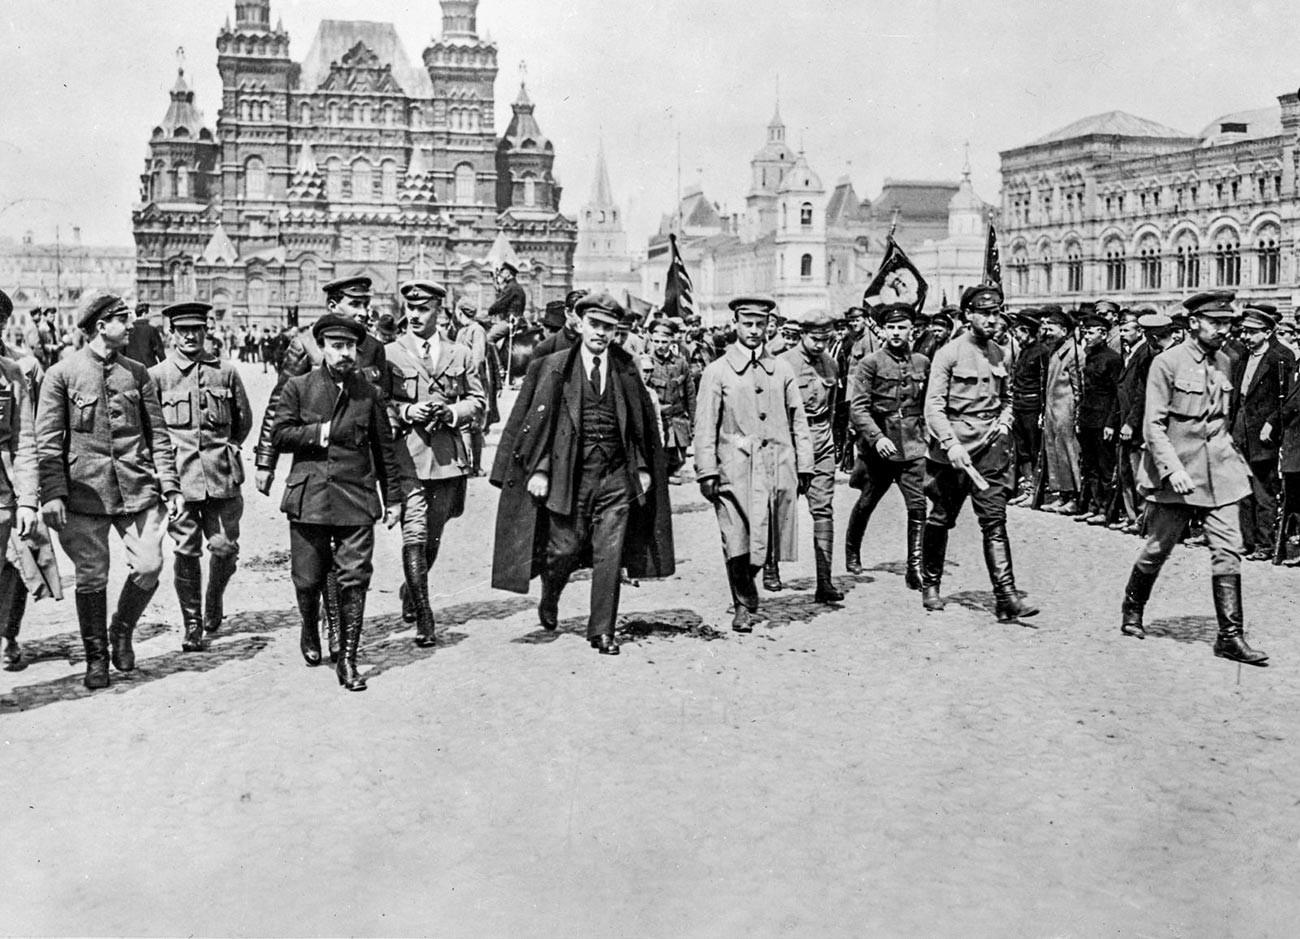 Pmimpin revolusioner proletariat Soviet Vladimir Lenin (tengah), berjalan bersama sekelompok komandan di Lapangan Merah.